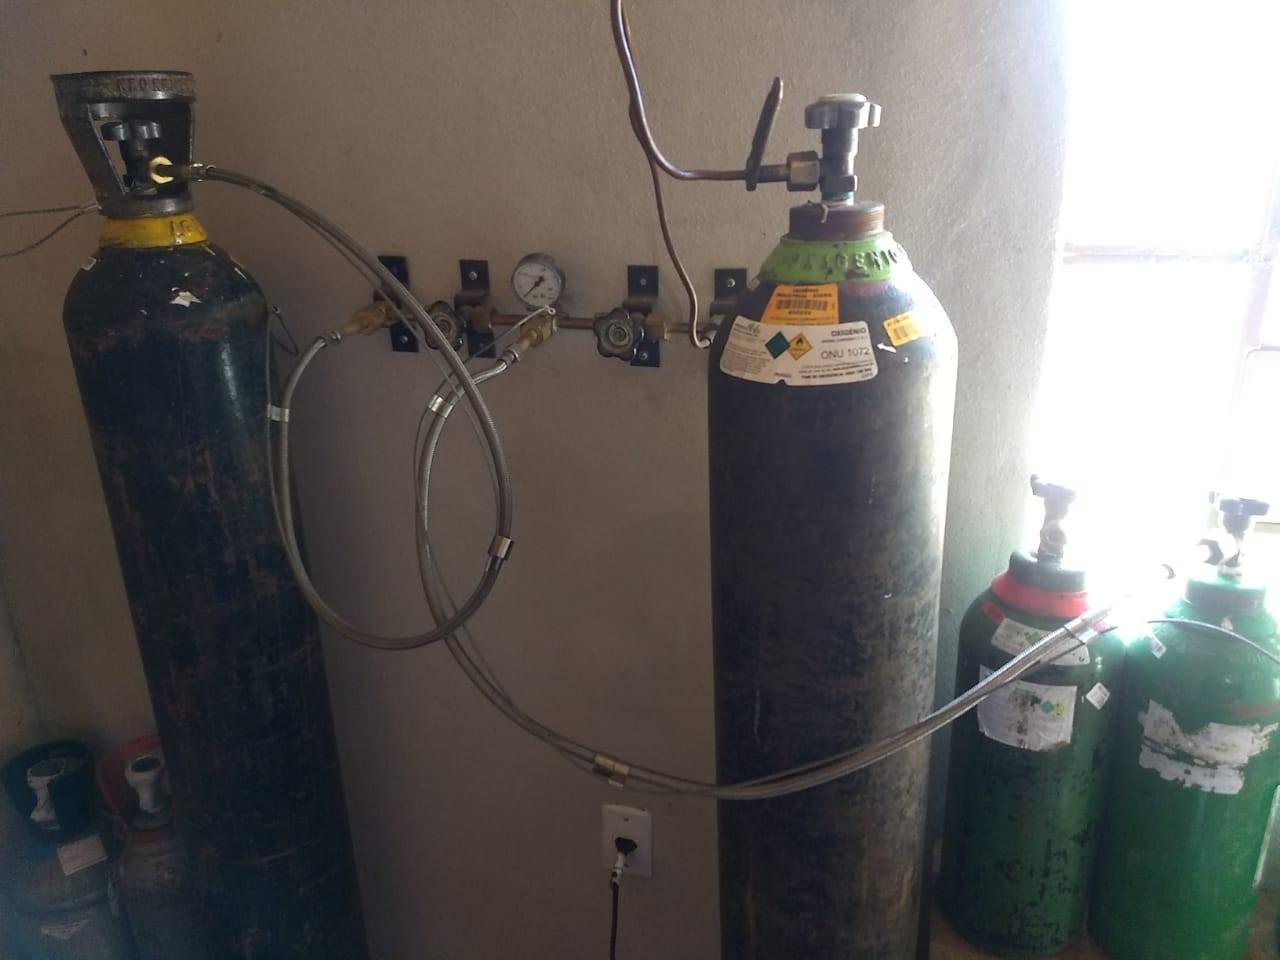 Decretadas prisões preventivas de suspeitos de vender oxigênio medicinal clandestino em Santa Maria  - Notícias - Plantão Diário